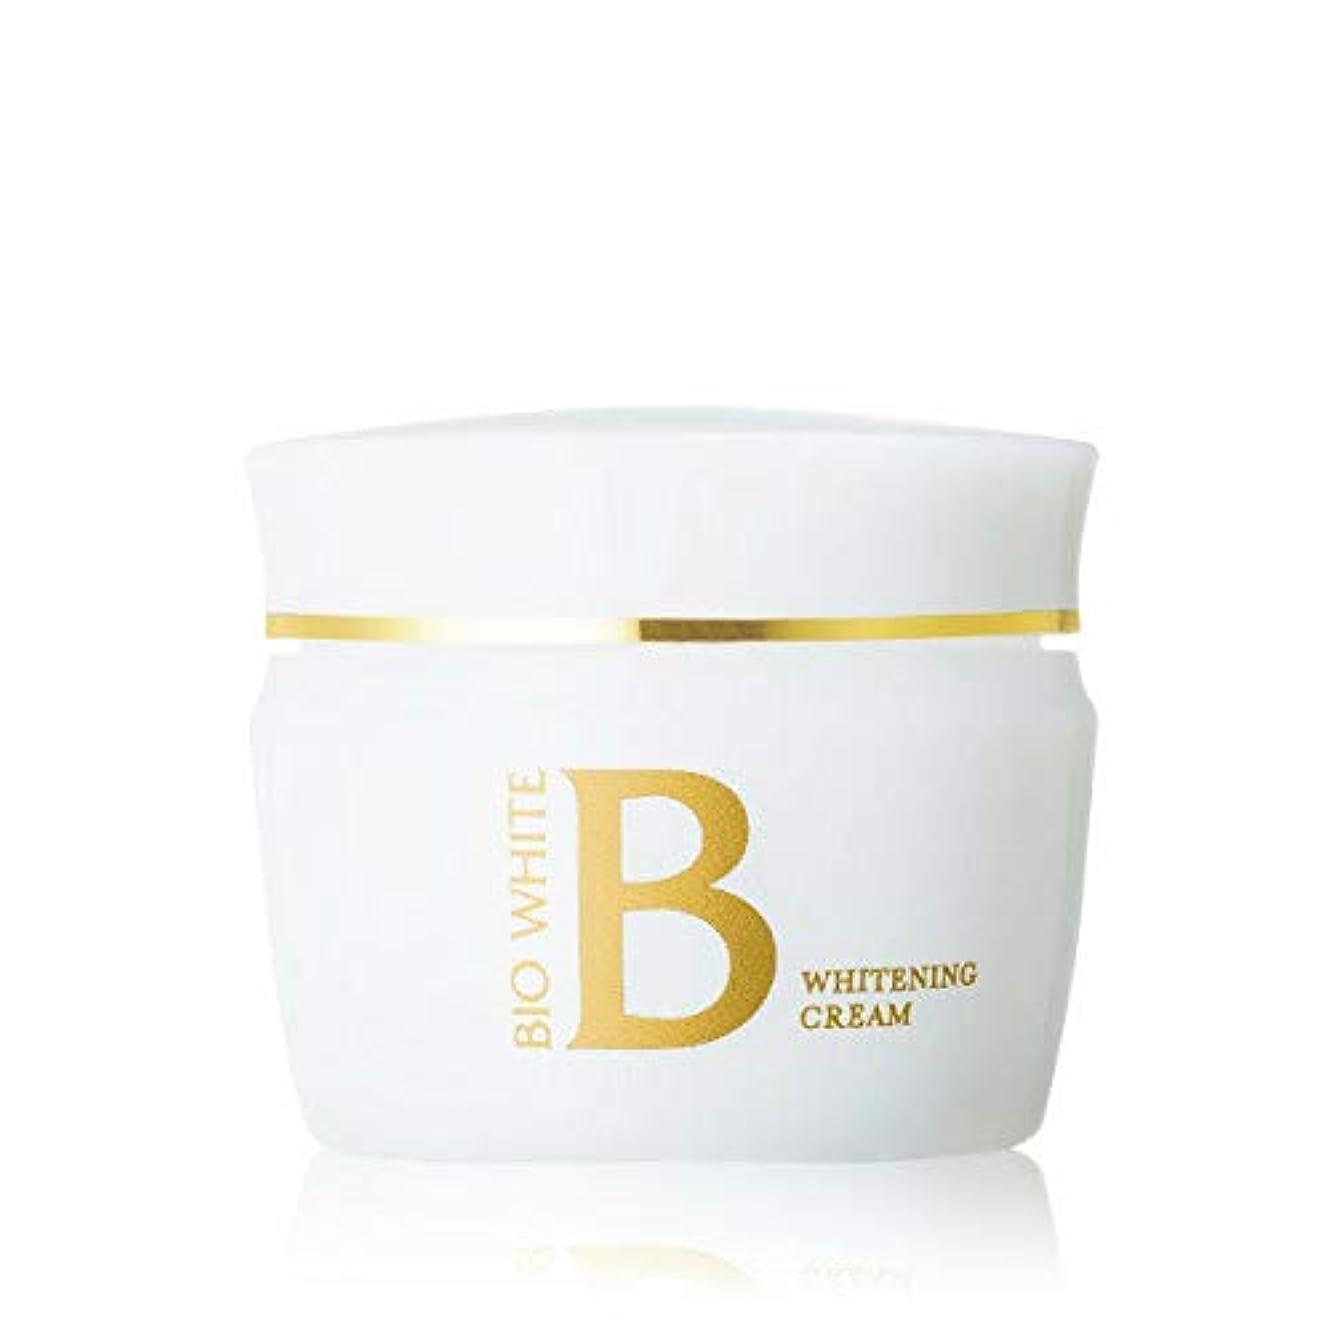 スライム郵便物ブレースエビス化粧品(EBiS) エビス ビーホワイトクリーム 40g 美白クリーム トラネキサム酸 配合 医薬部外品